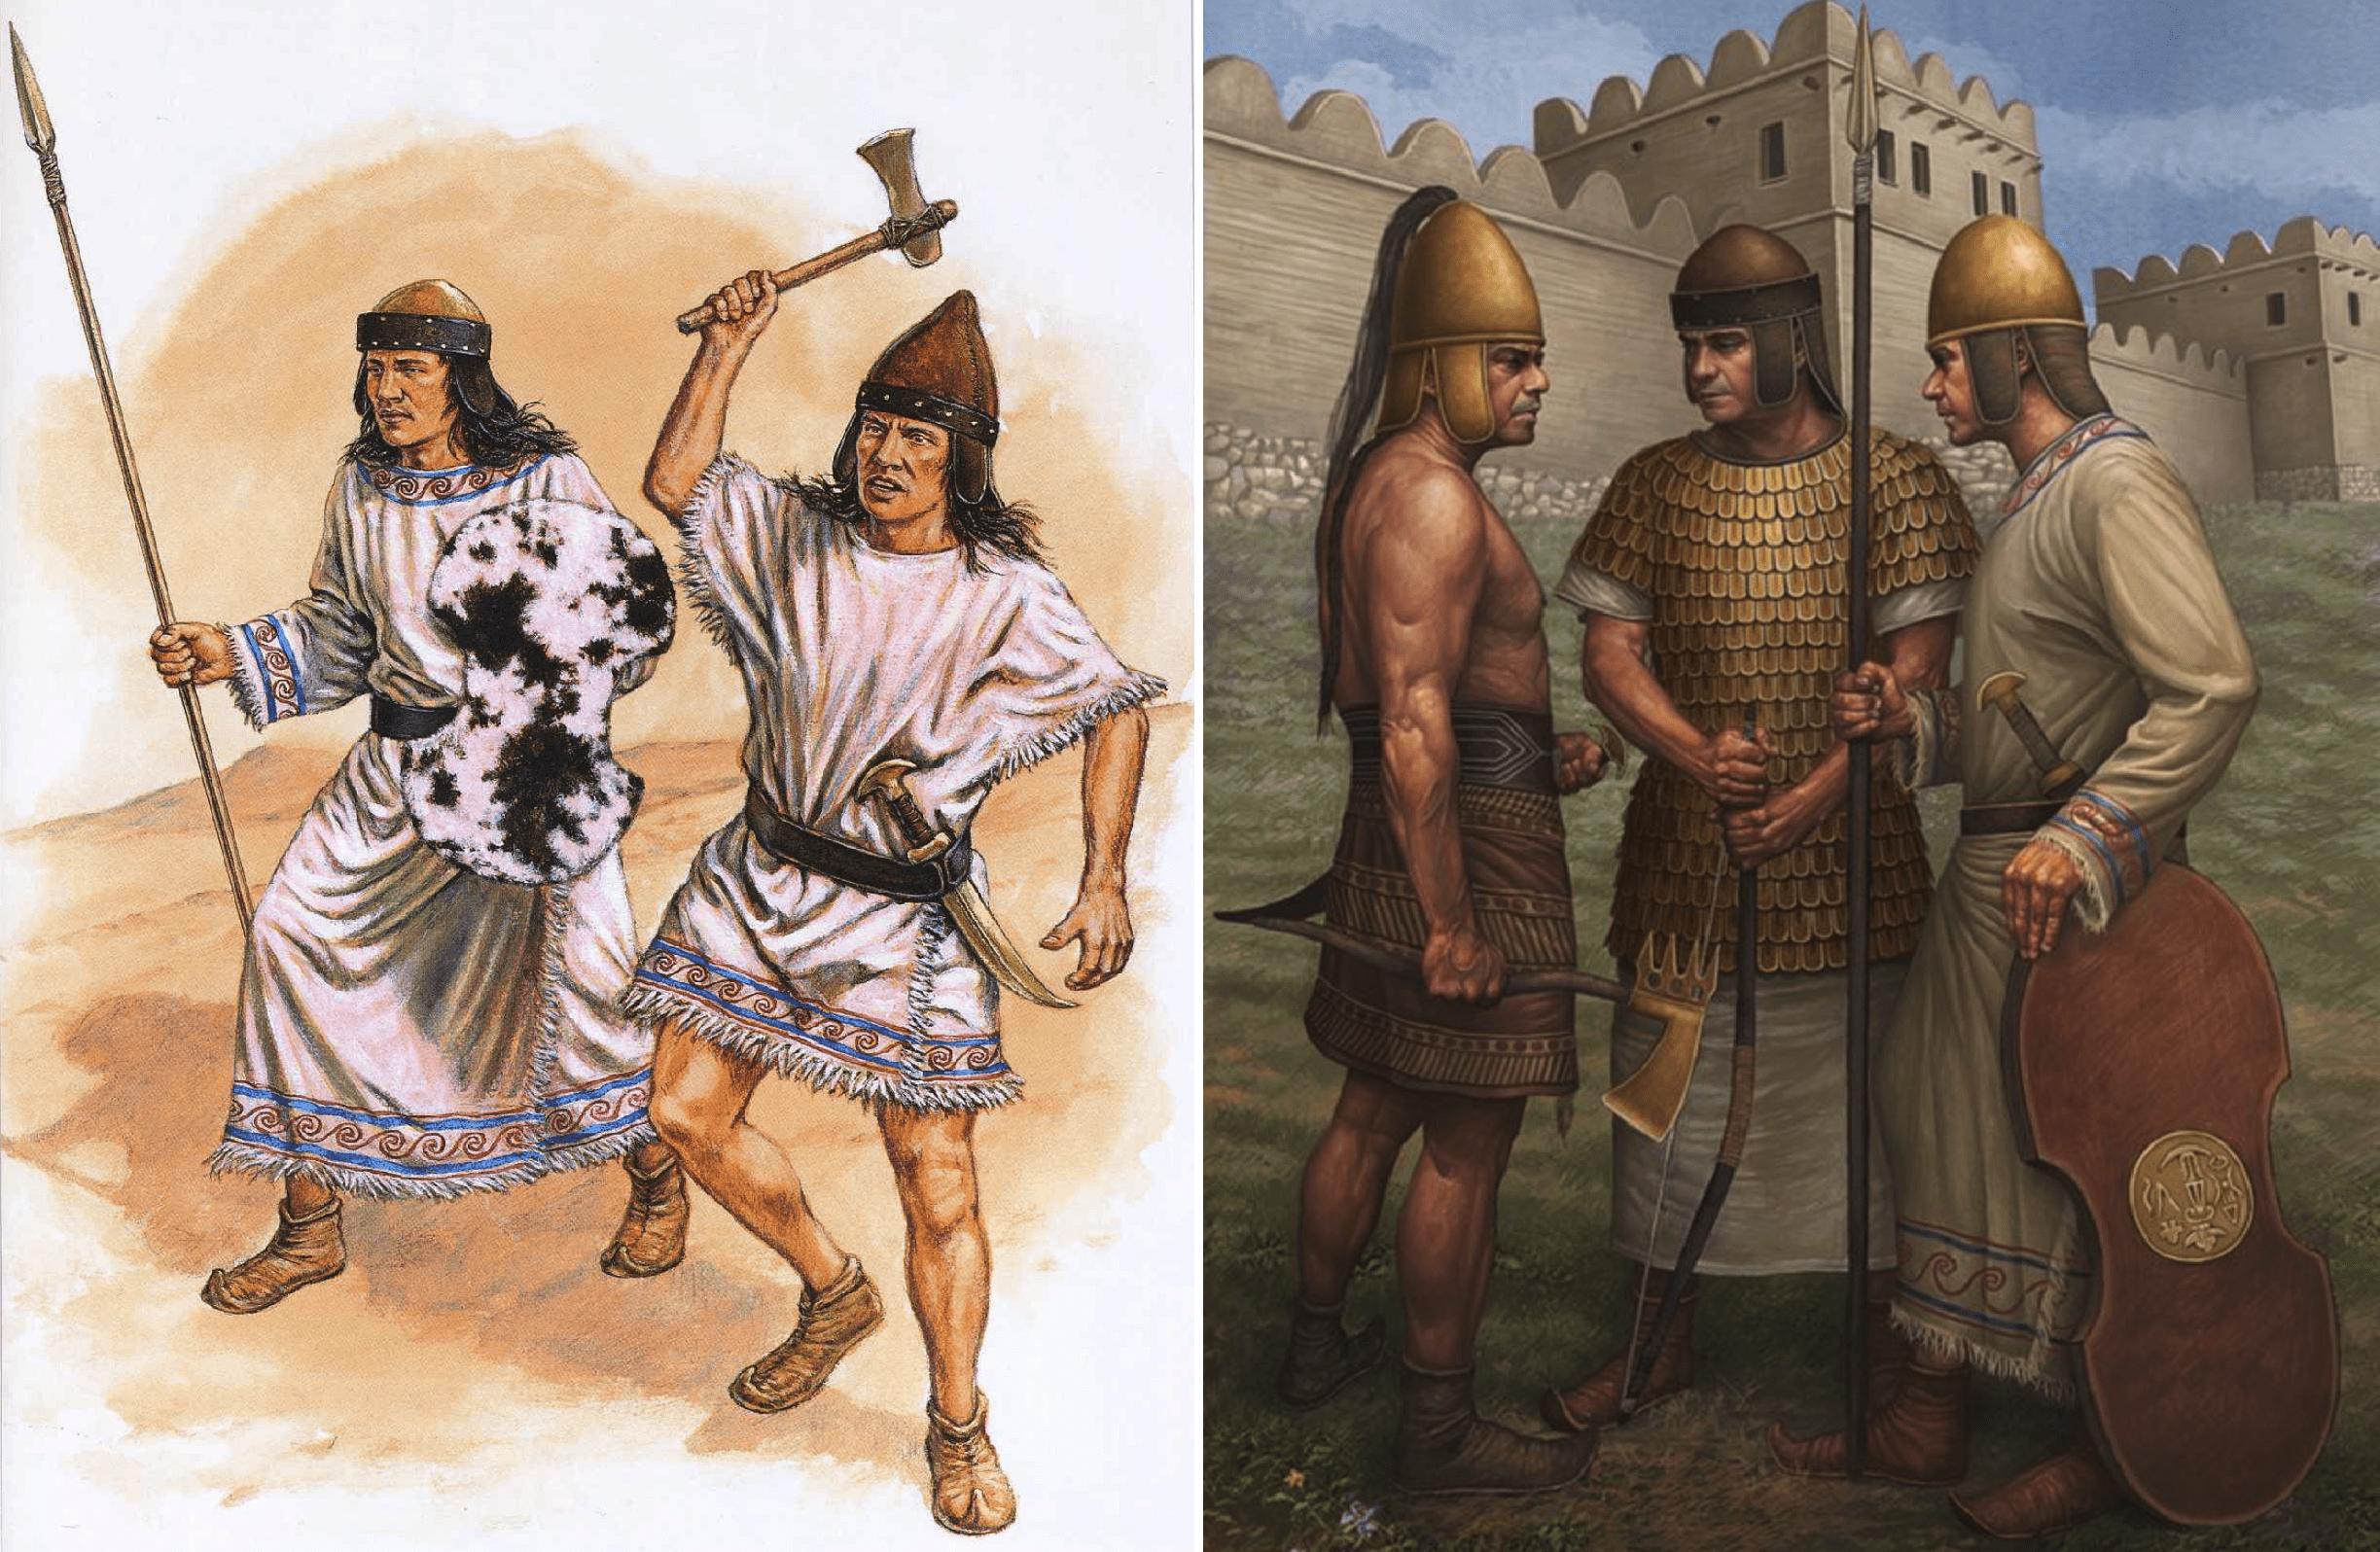 Guerreros hititas. Se puede apreciar los distintos armamentos y escudos usados por los hititas